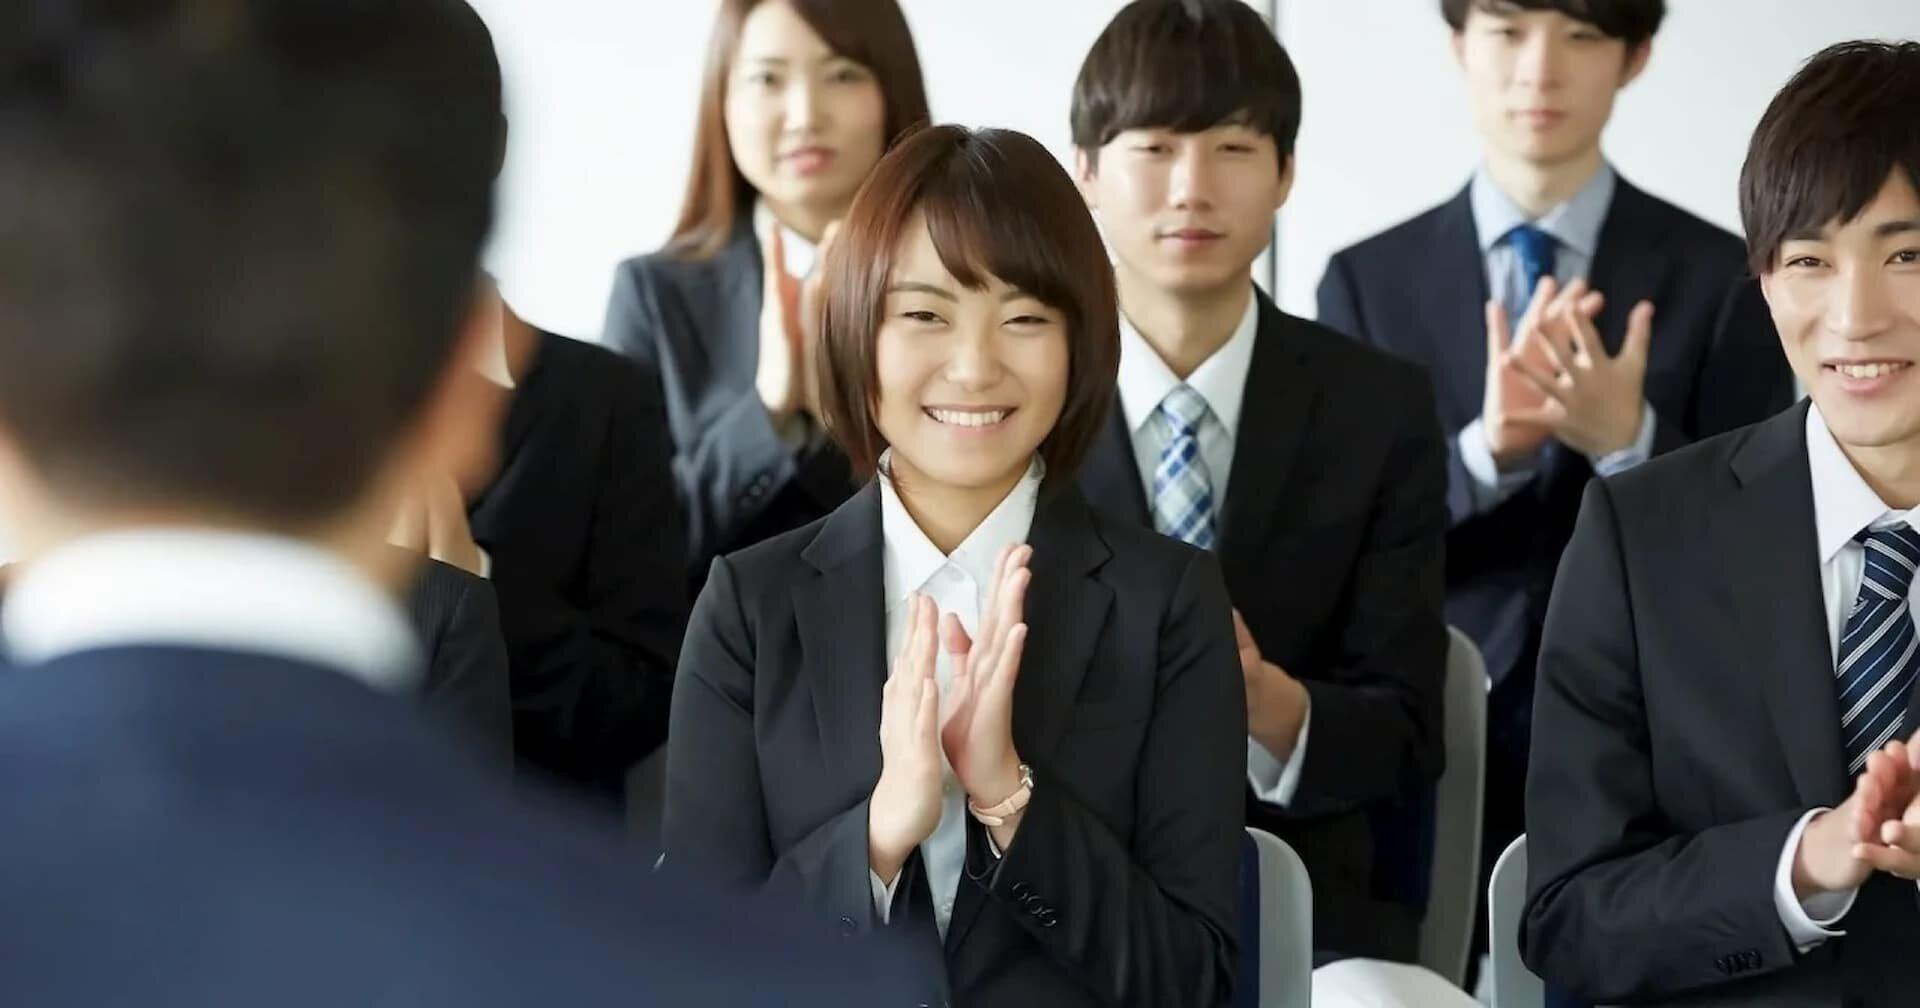 新入社員フォローアップ研修とは? 目的や内容、実施時期について紹介